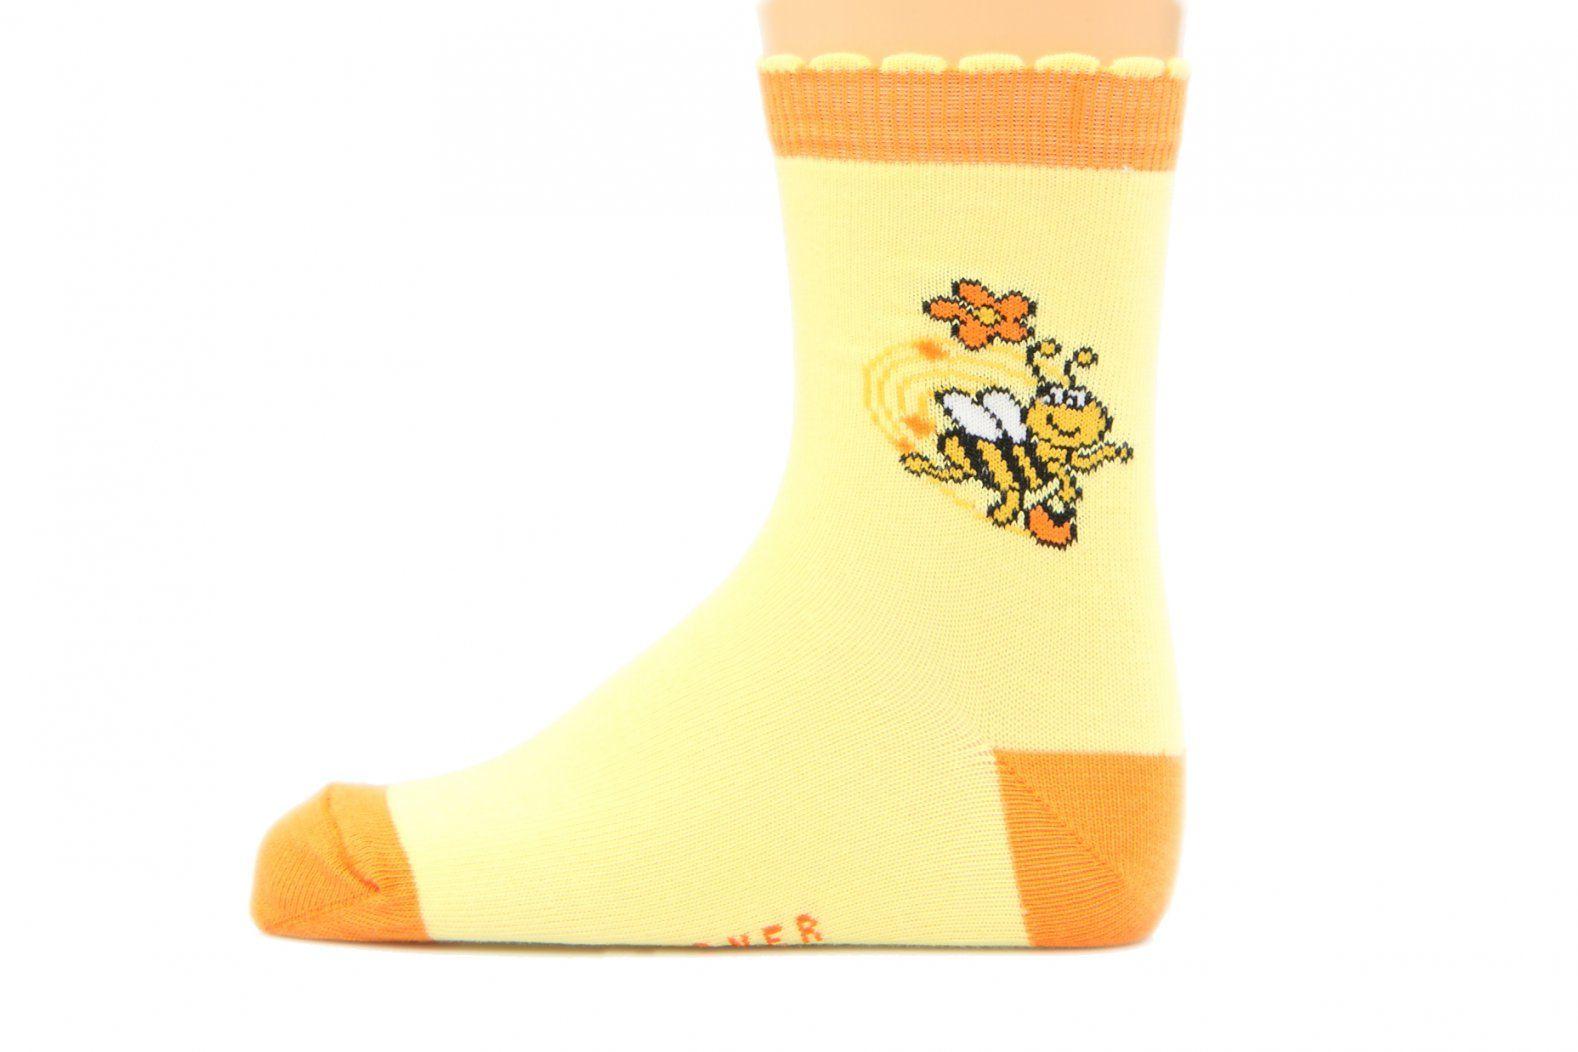 Kindersockengrößen  Max Lindner Socken Onlineshop von Socken Waschen Wieviel Grad Photo